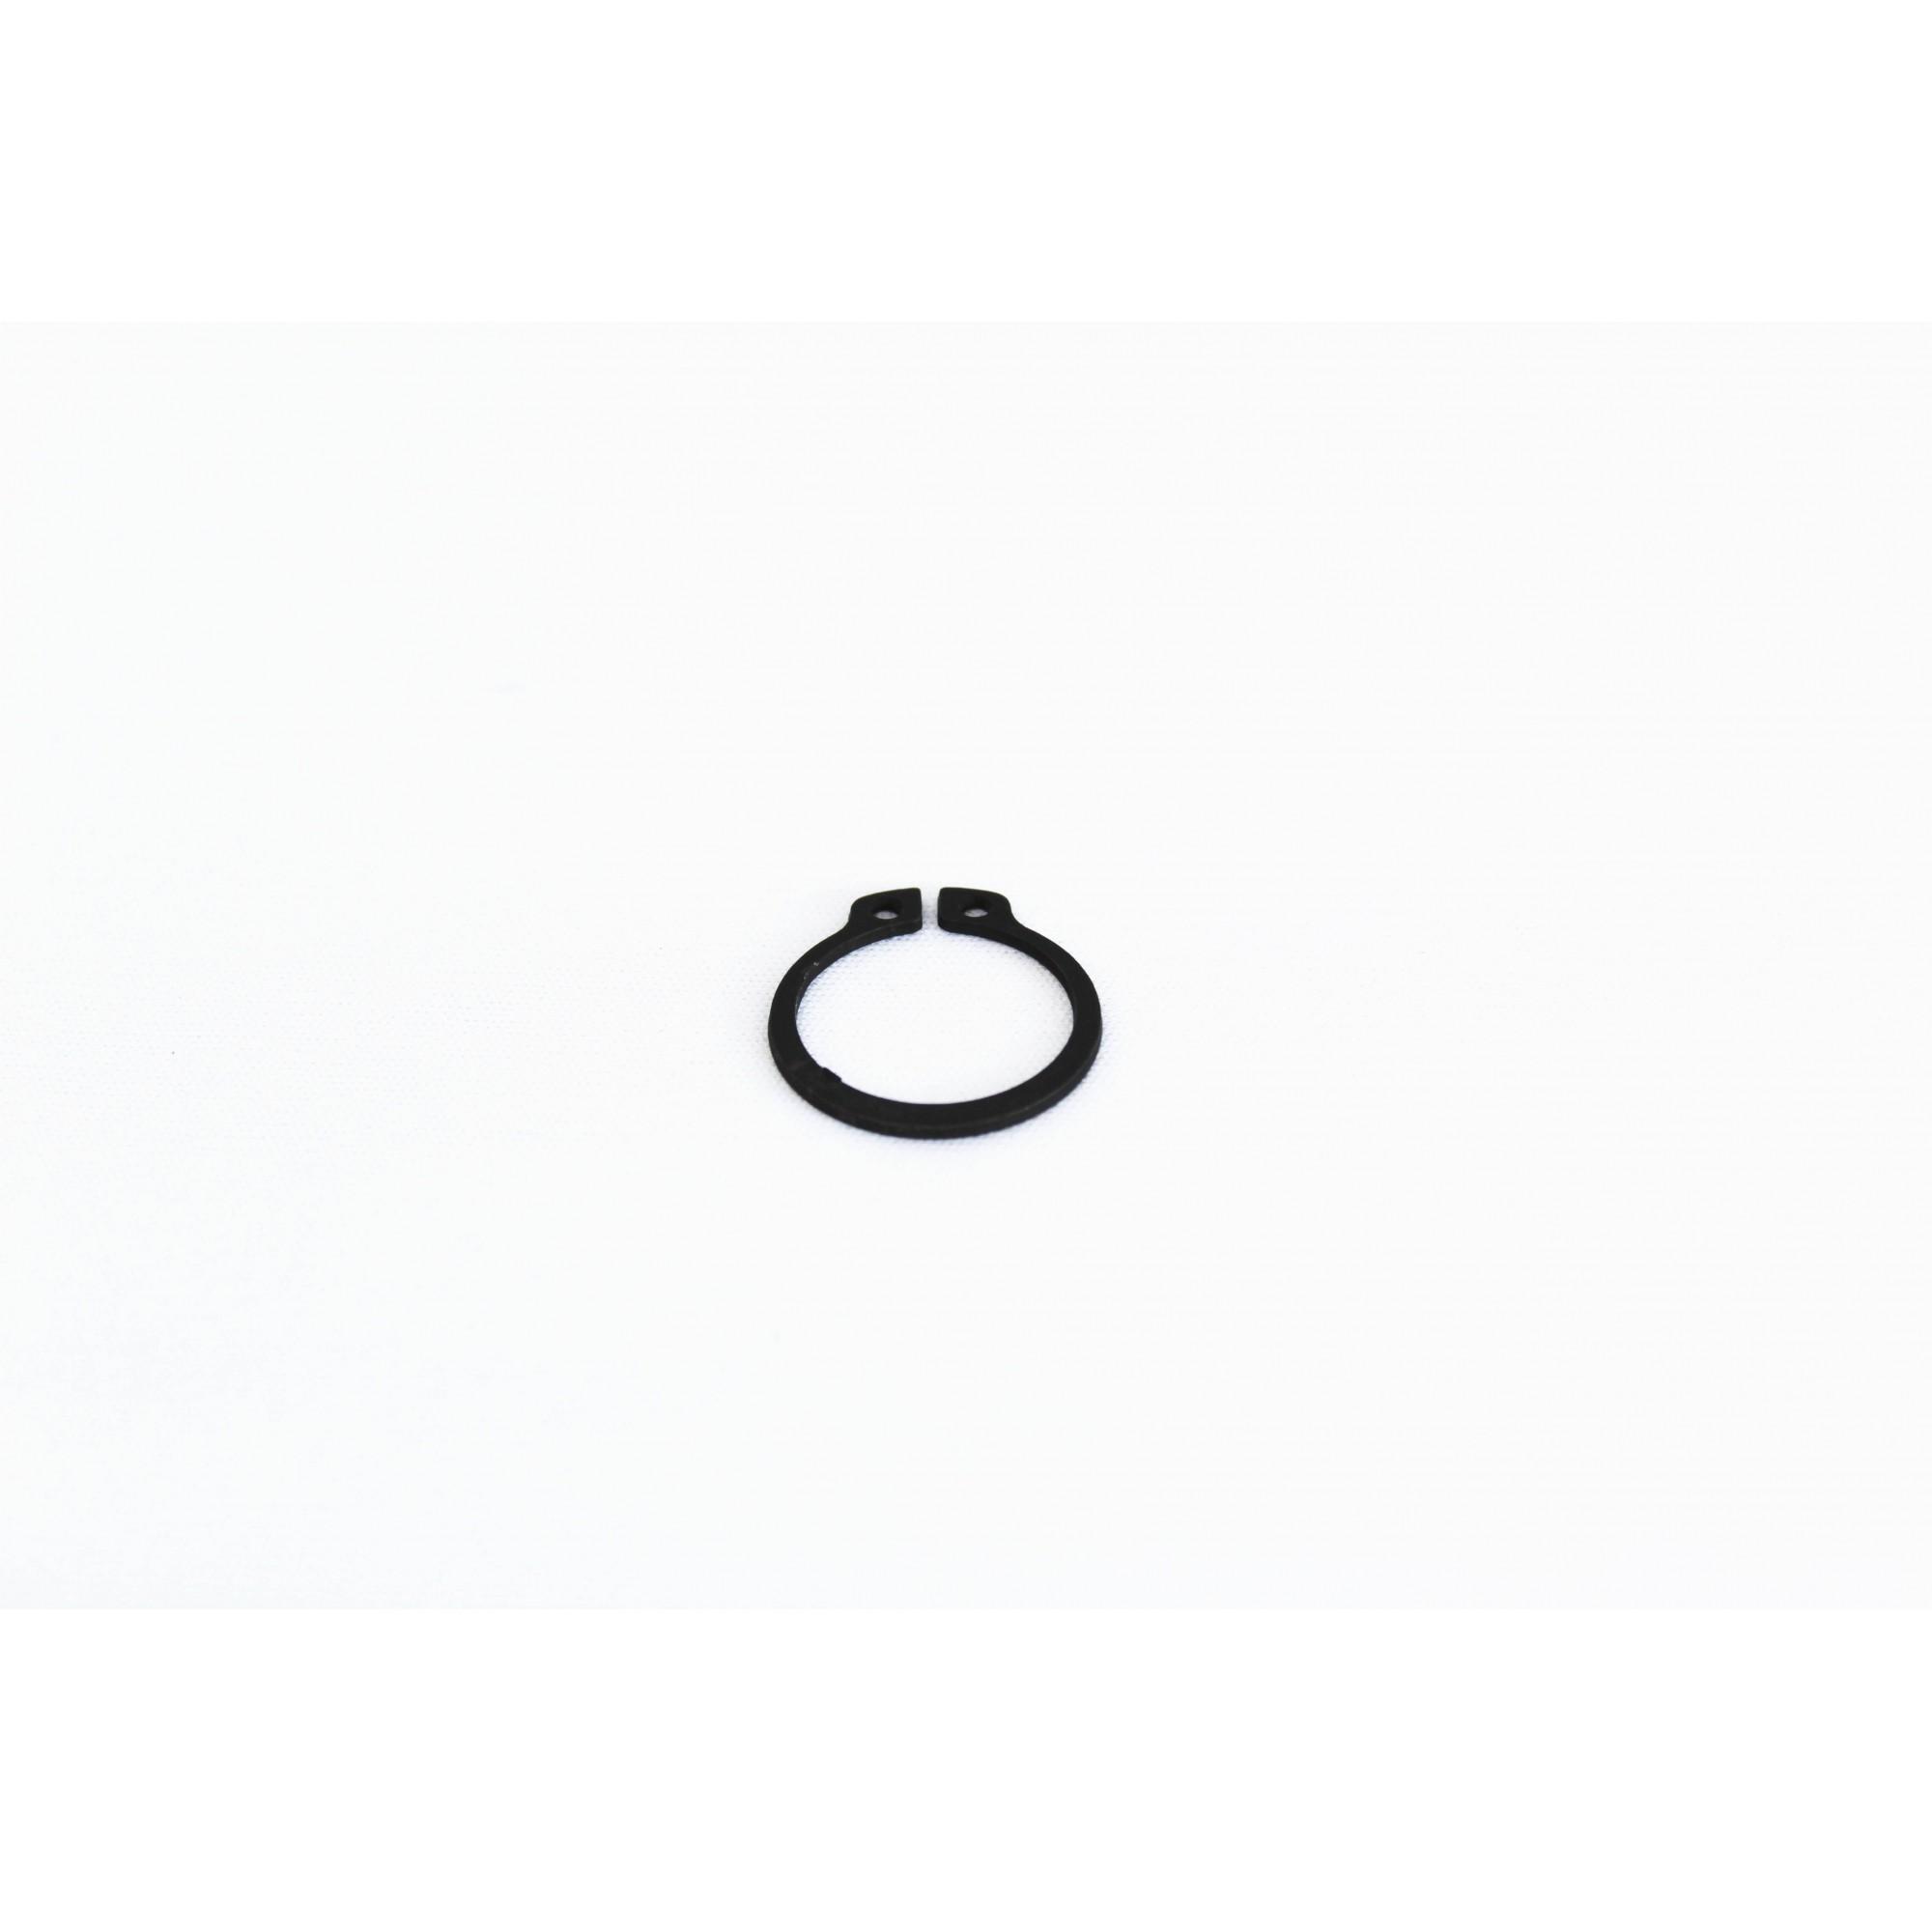 ABRAÇADEIRA 1.4 | 2.0 | 2.4 (8, 16, 20V)  - Cód. 11066876